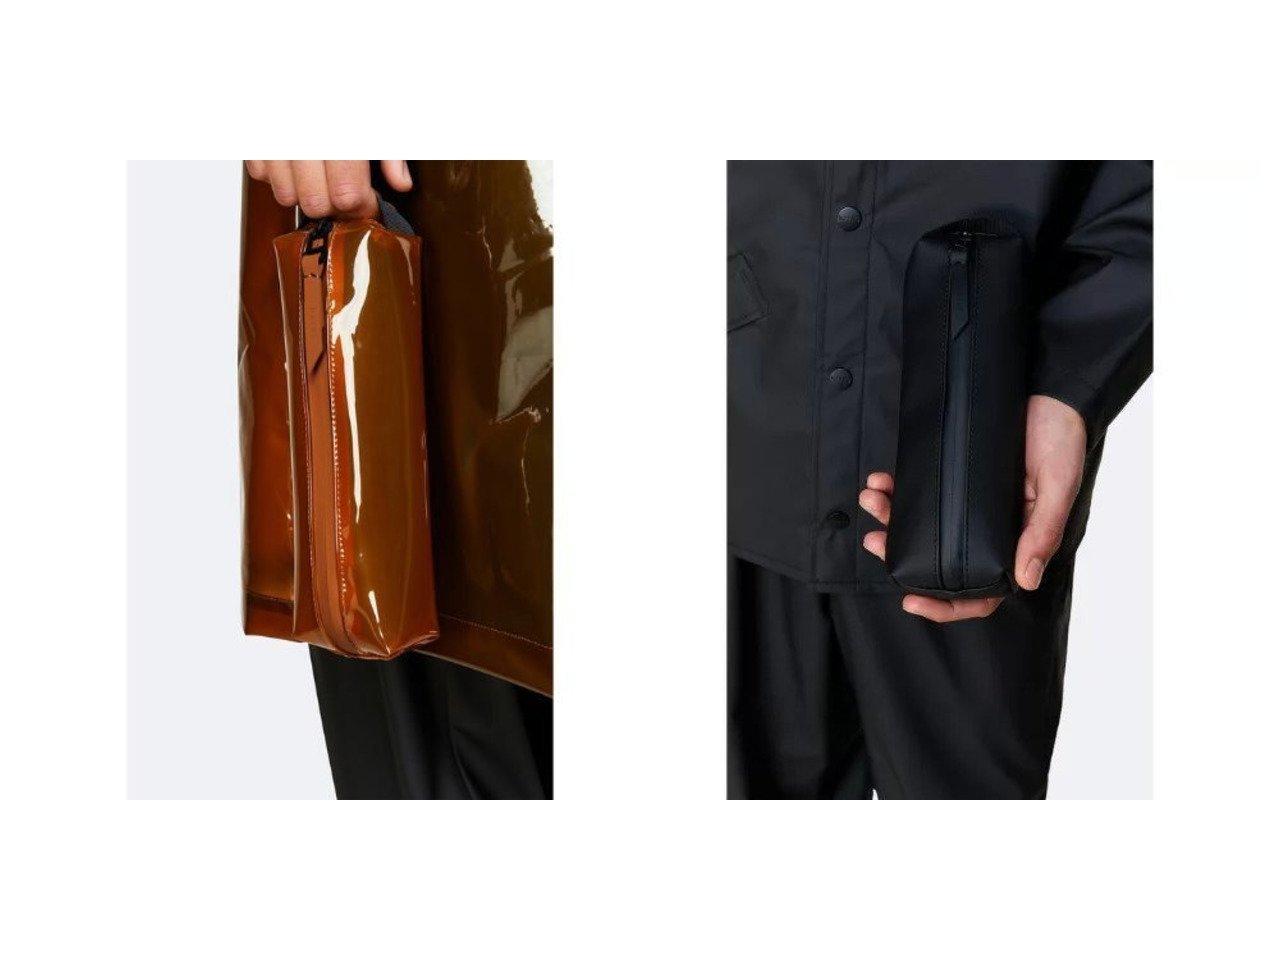 【RAINS/レインズ】のPencil Case Mini おすすめ!人気、トレンド・レディースファッションの通販 おすすめで人気の流行・トレンド、ファッションの通販商品 メンズファッション・キッズファッション・インテリア・家具・レディースファッション・服の通販 founy(ファニー) https://founy.com/ ファッション Fashion レディースファッション WOMEN ポーチ Pouches コンパクト シンプル スマート デスク ペンシル ポーチ |ID:crp329100000029516